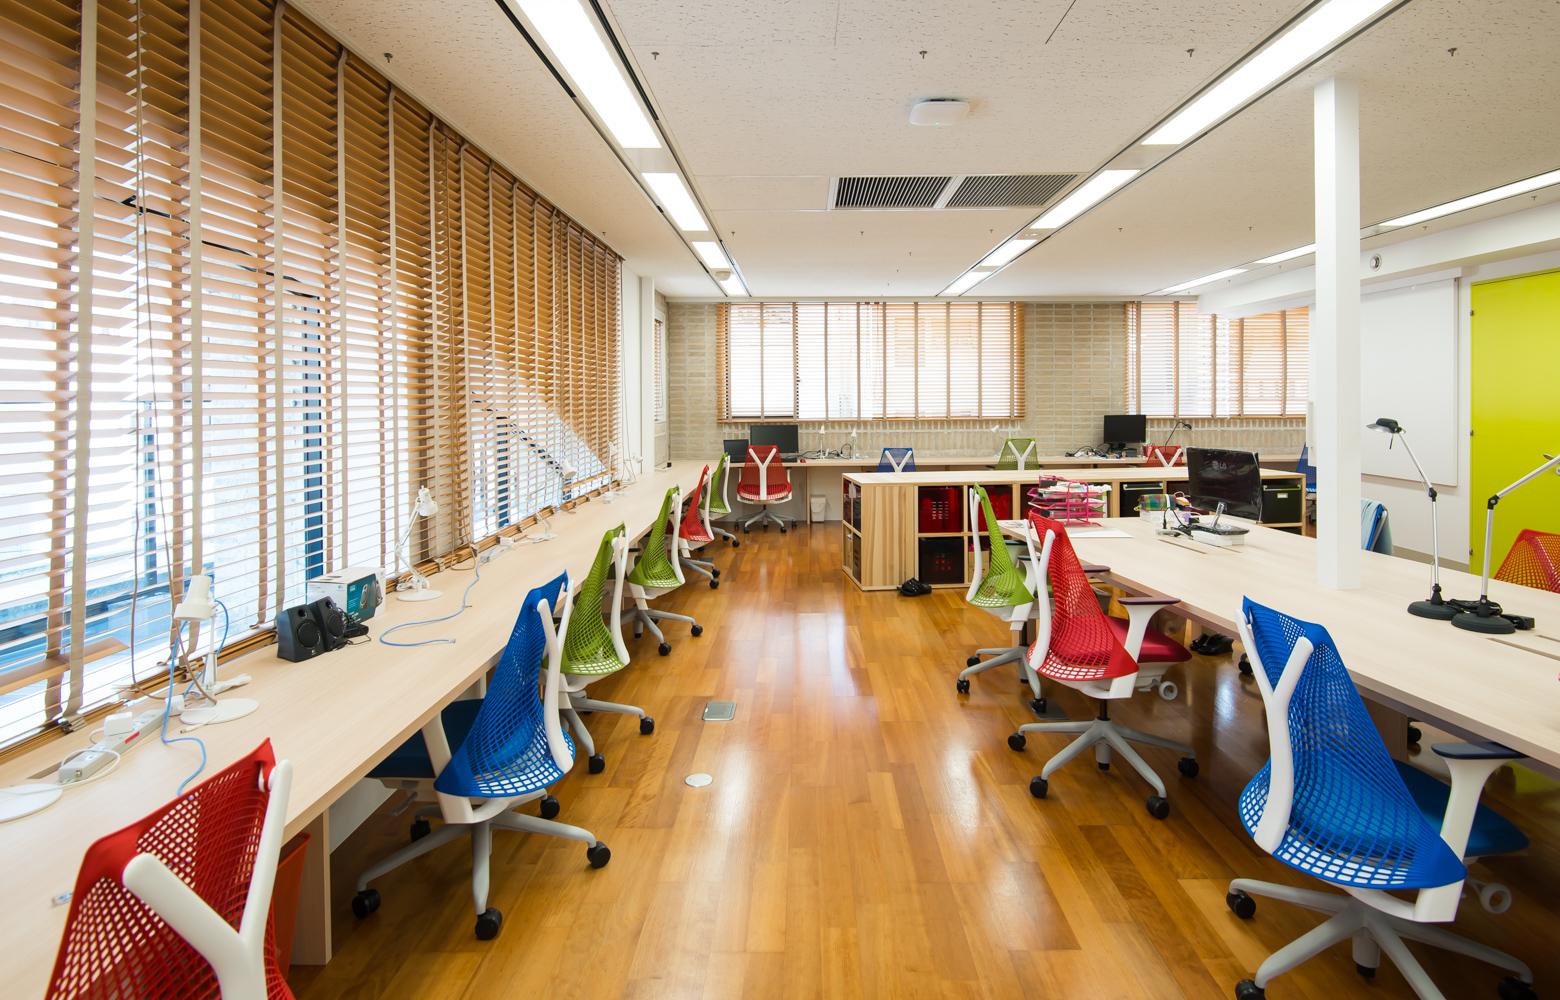 サイズミック・テクノロジーズ株式会社 Work Space デザイン・レイアウト事例